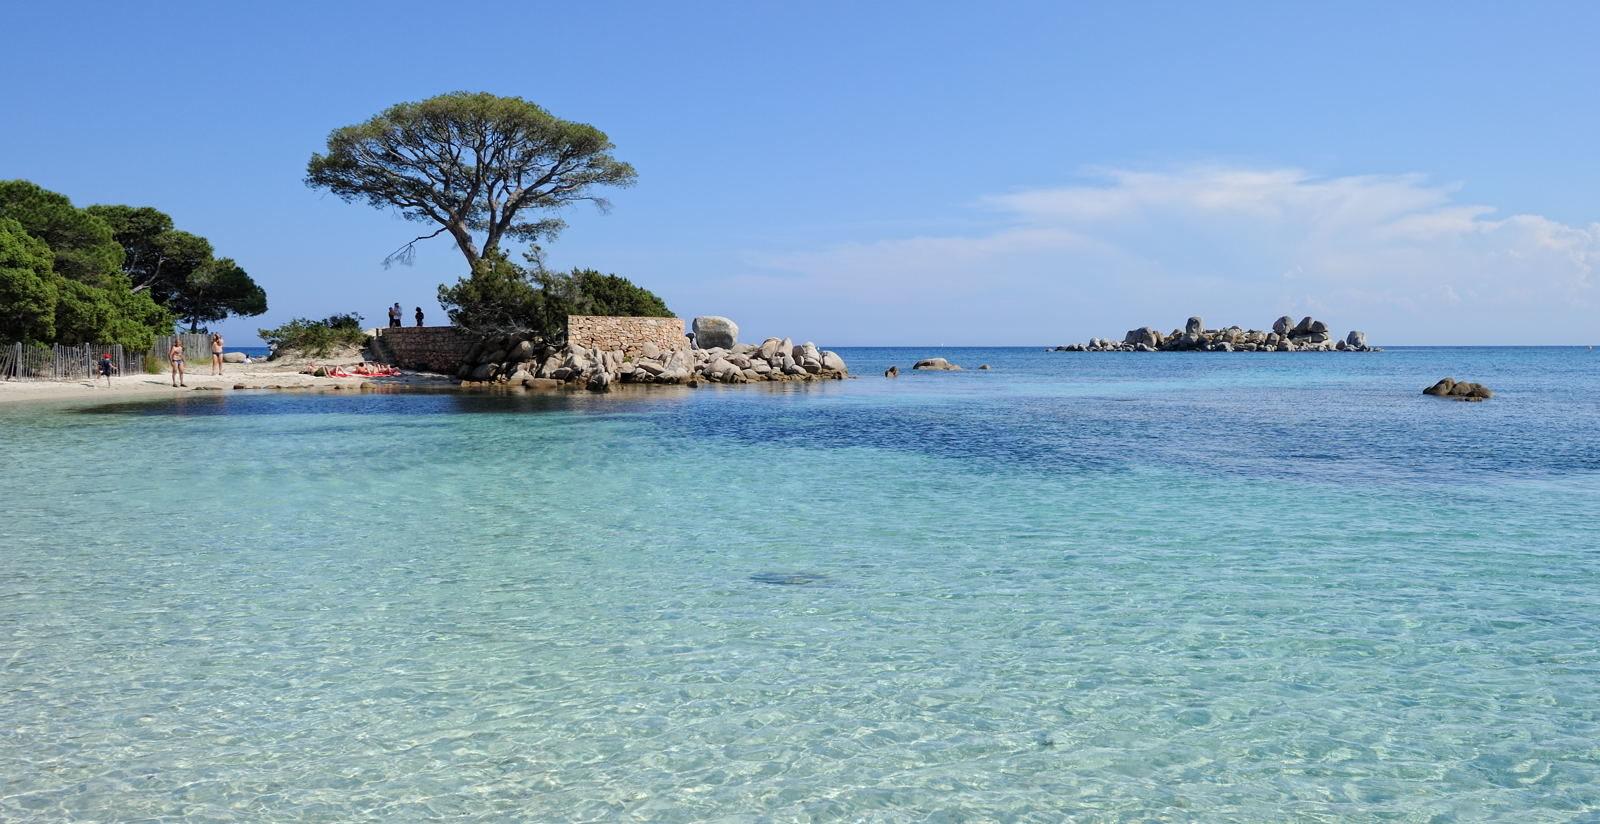 La plage Rondinara en Corse